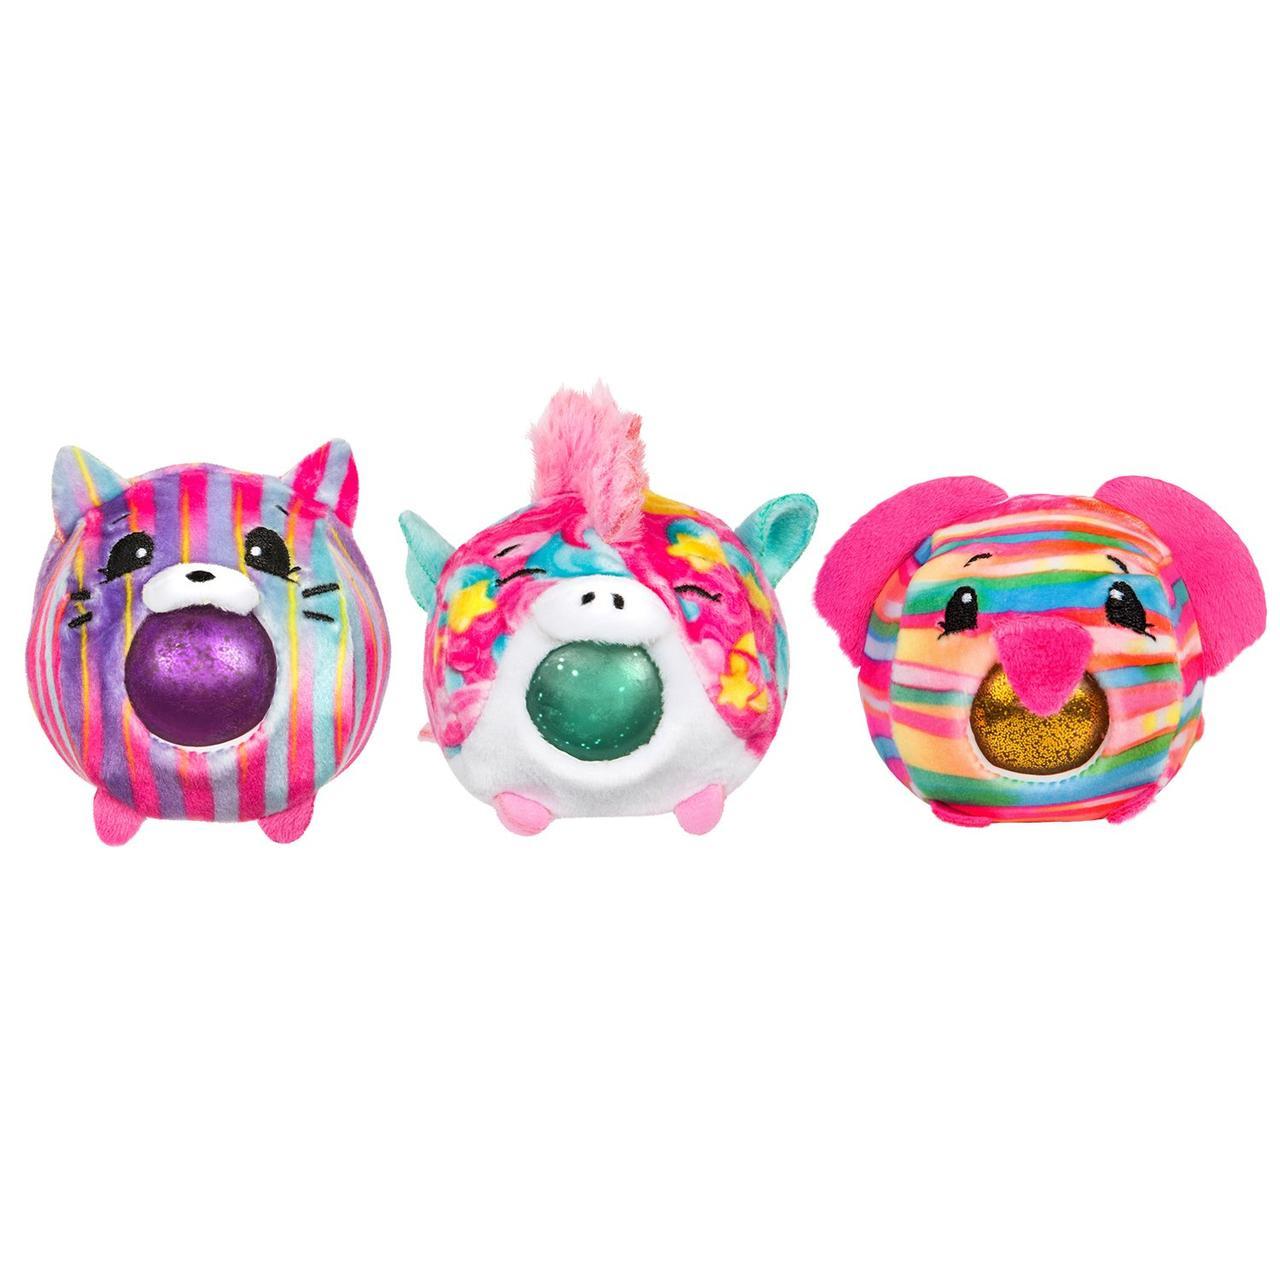 Pikmi Pops — Игрушка-сюрприз PikmiI Pops Bubble S4  75266